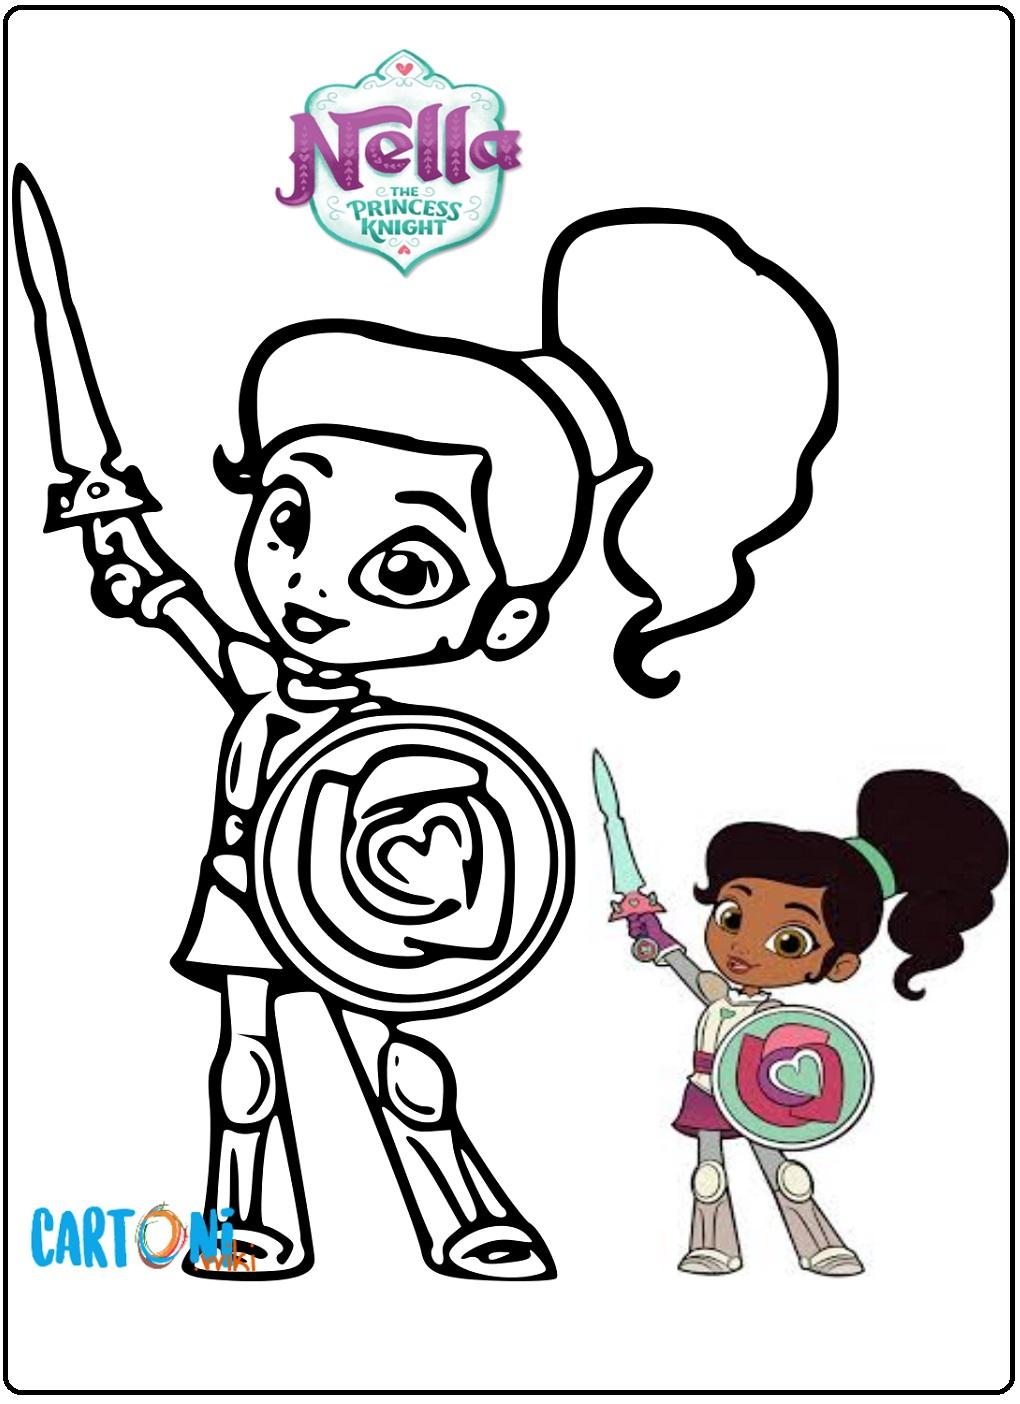 Nella principessa coraggiosa disegni da colorare - Disegni da colorare